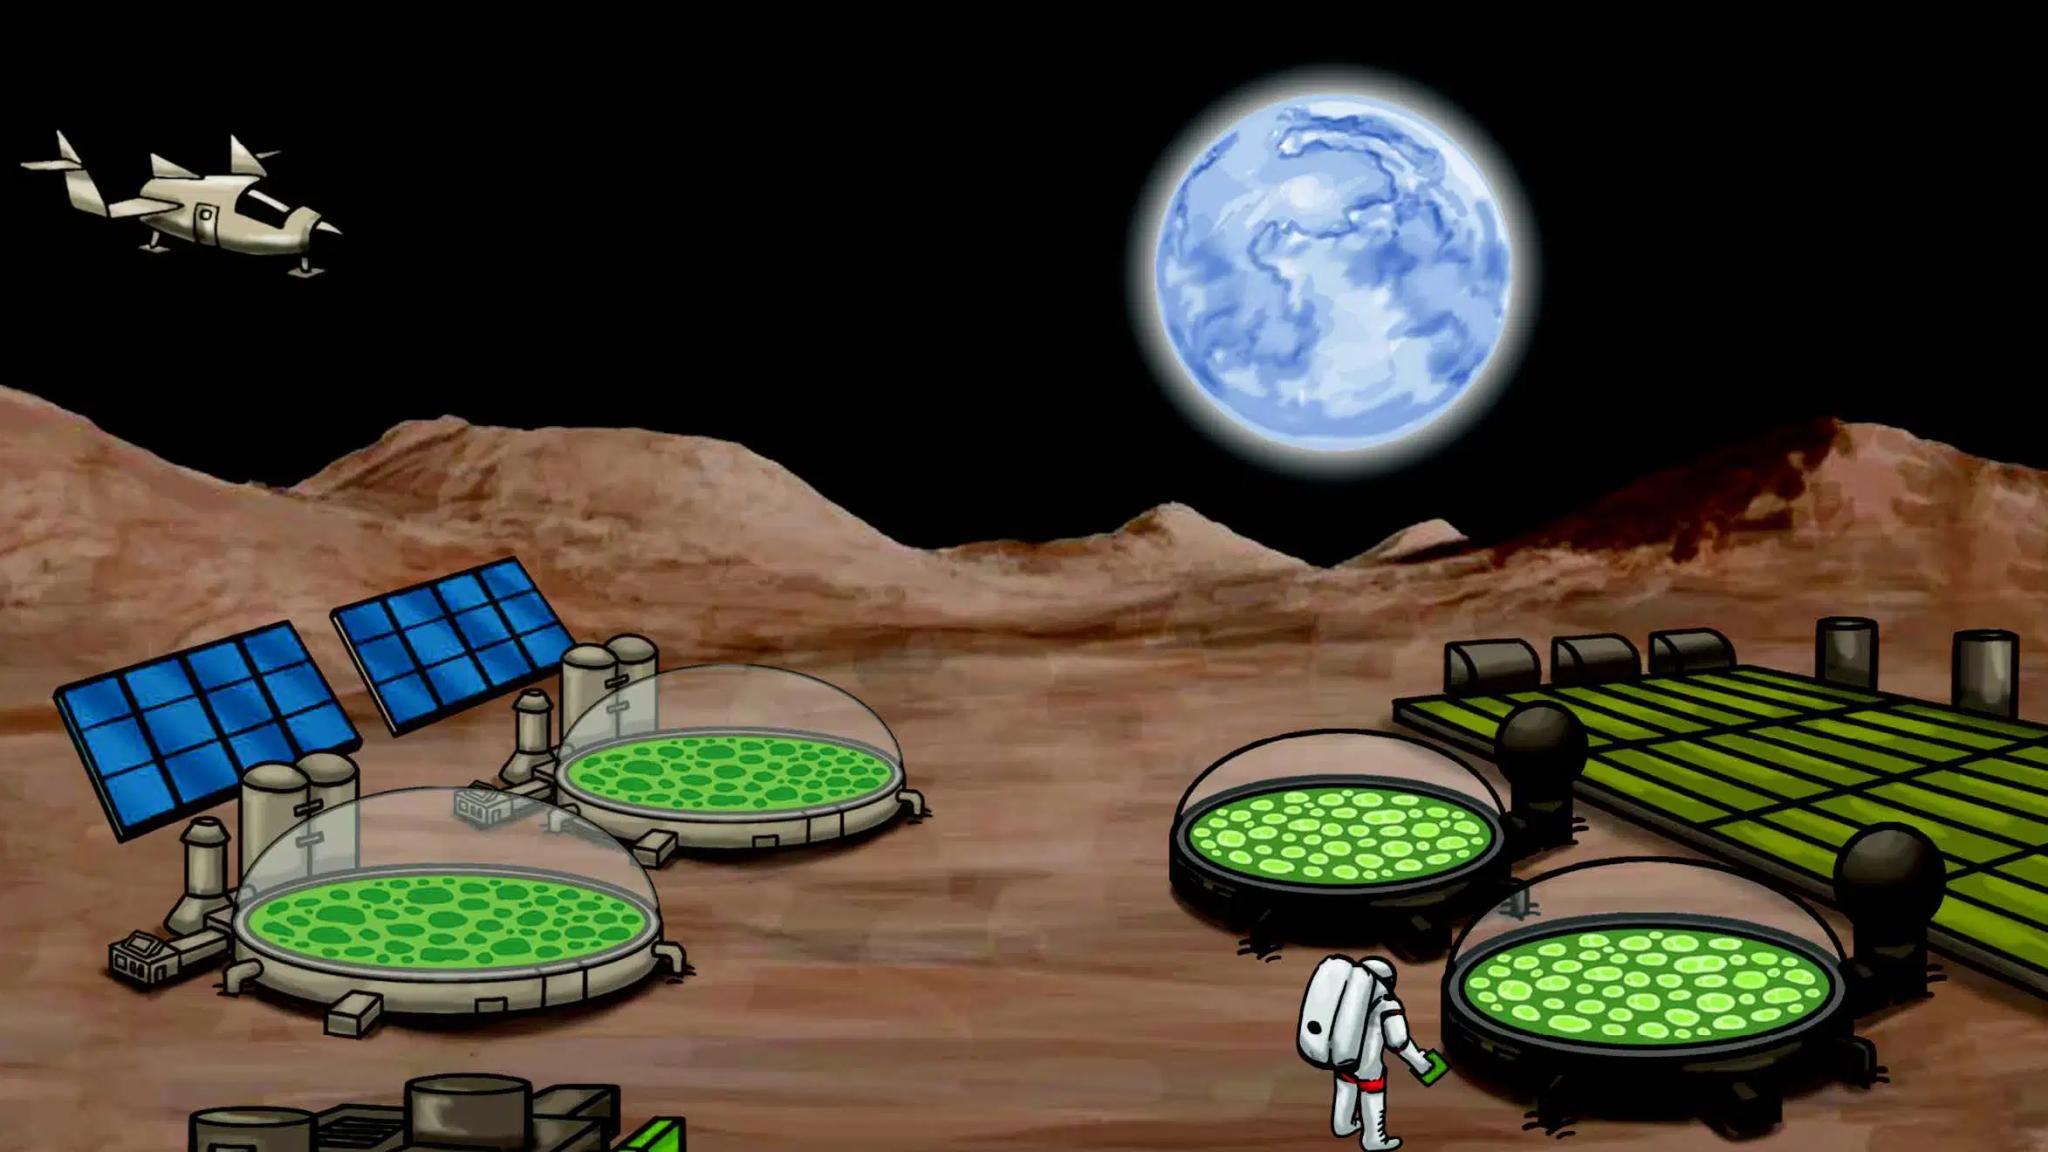 Бактерии-космонавты: вместе к далеким планетам